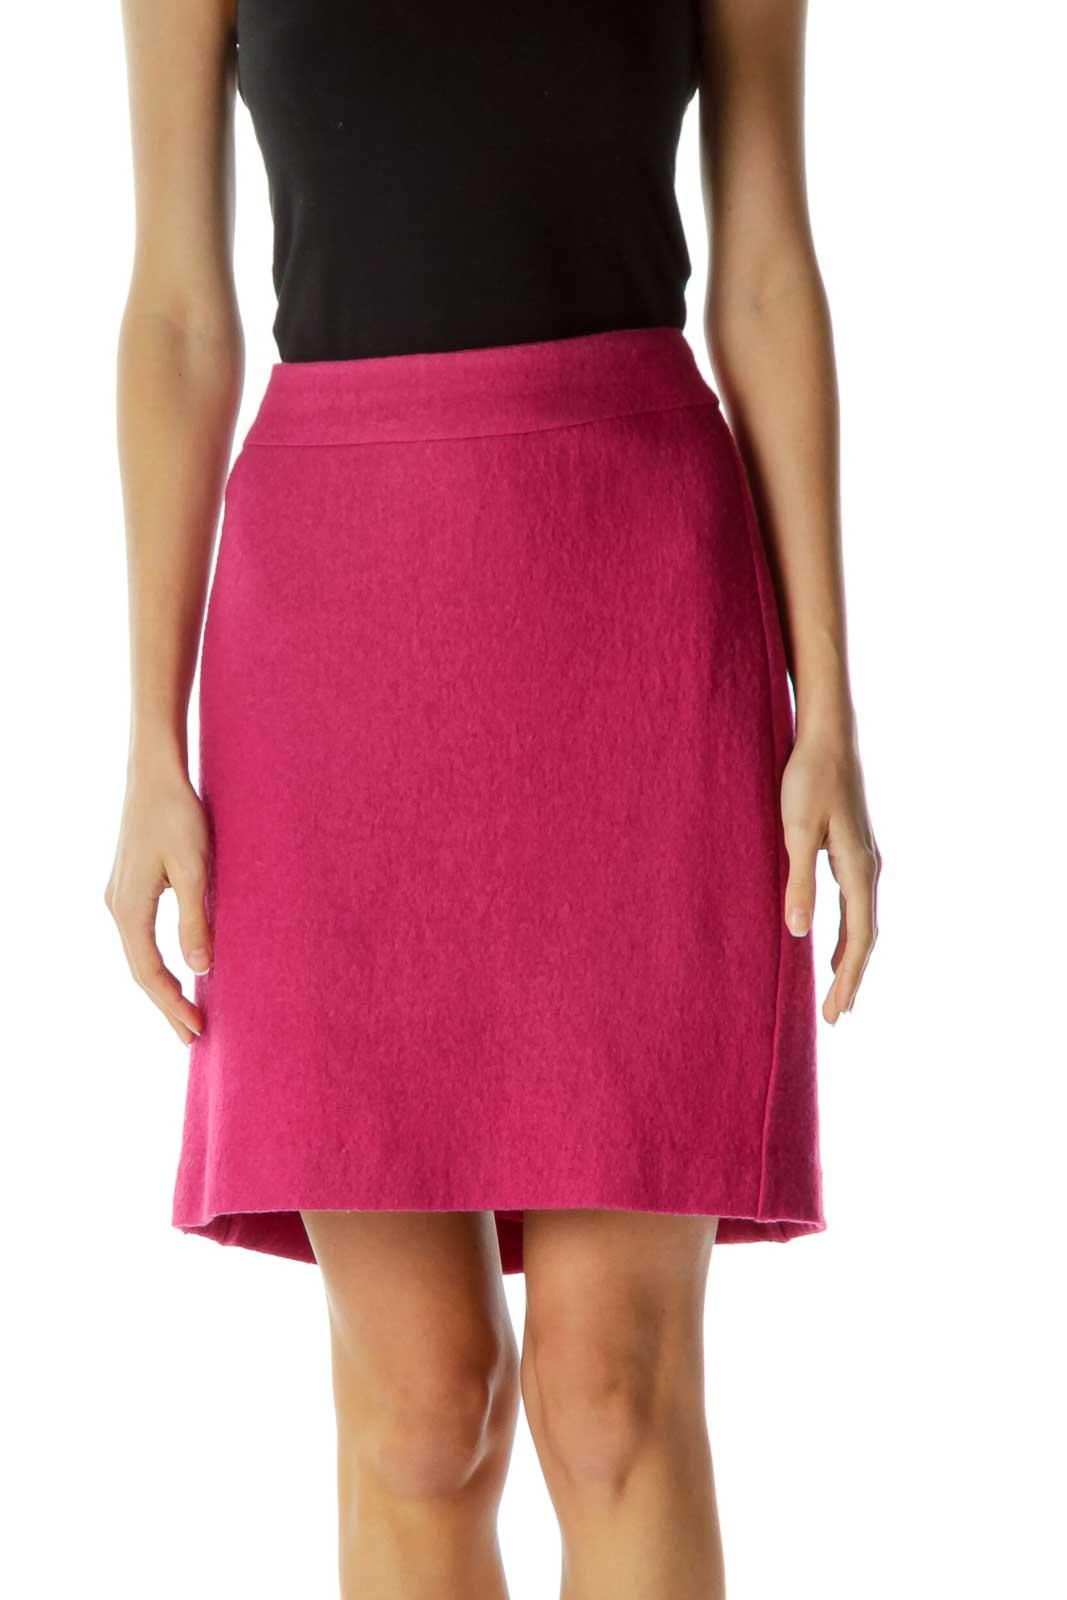 Pink Textured Back Zipper and Slit A-Line Skirt